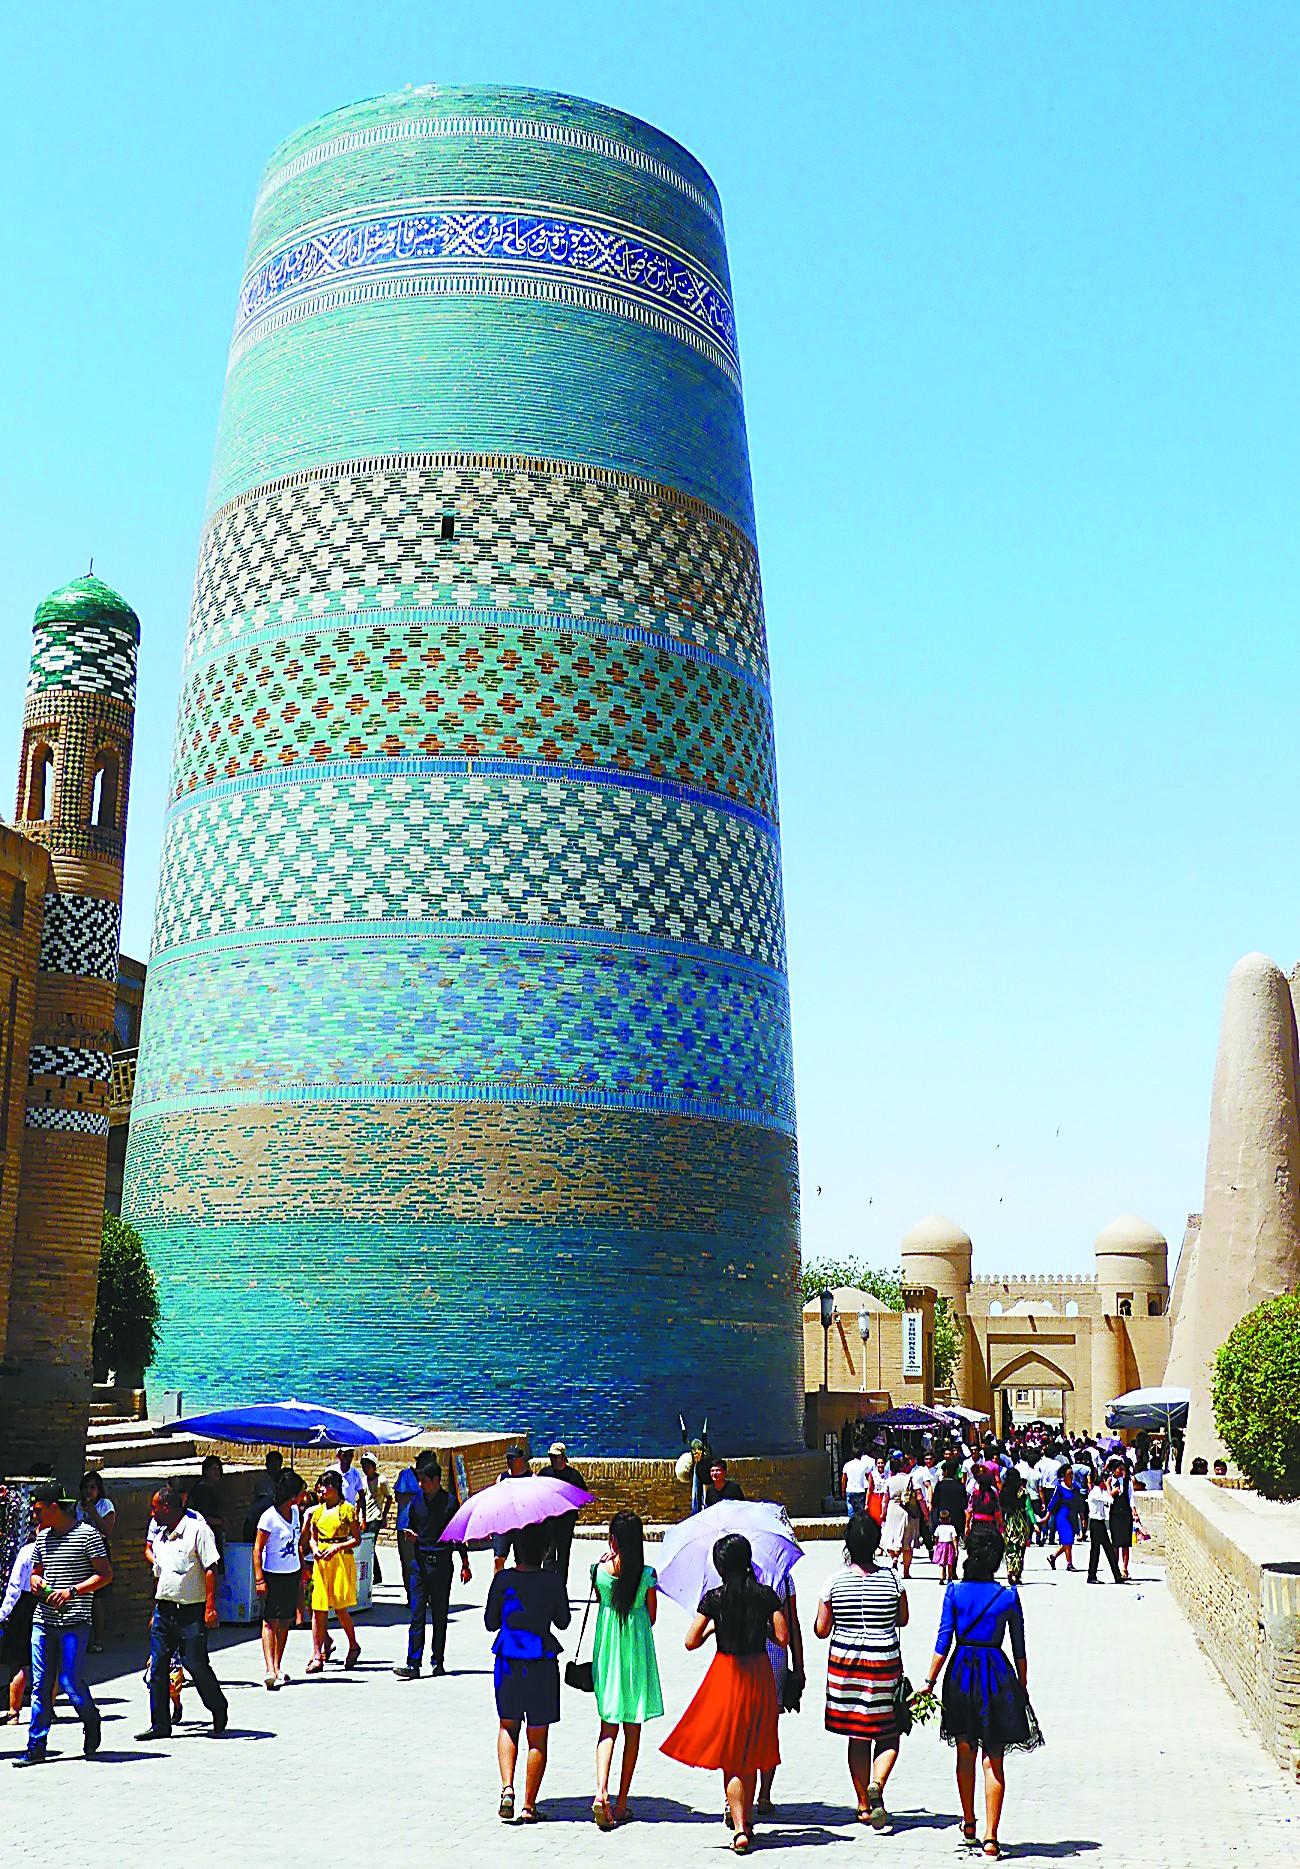 伊斯兰建筑典范 在乌兹别克斯坦看蓝色穹顶之美